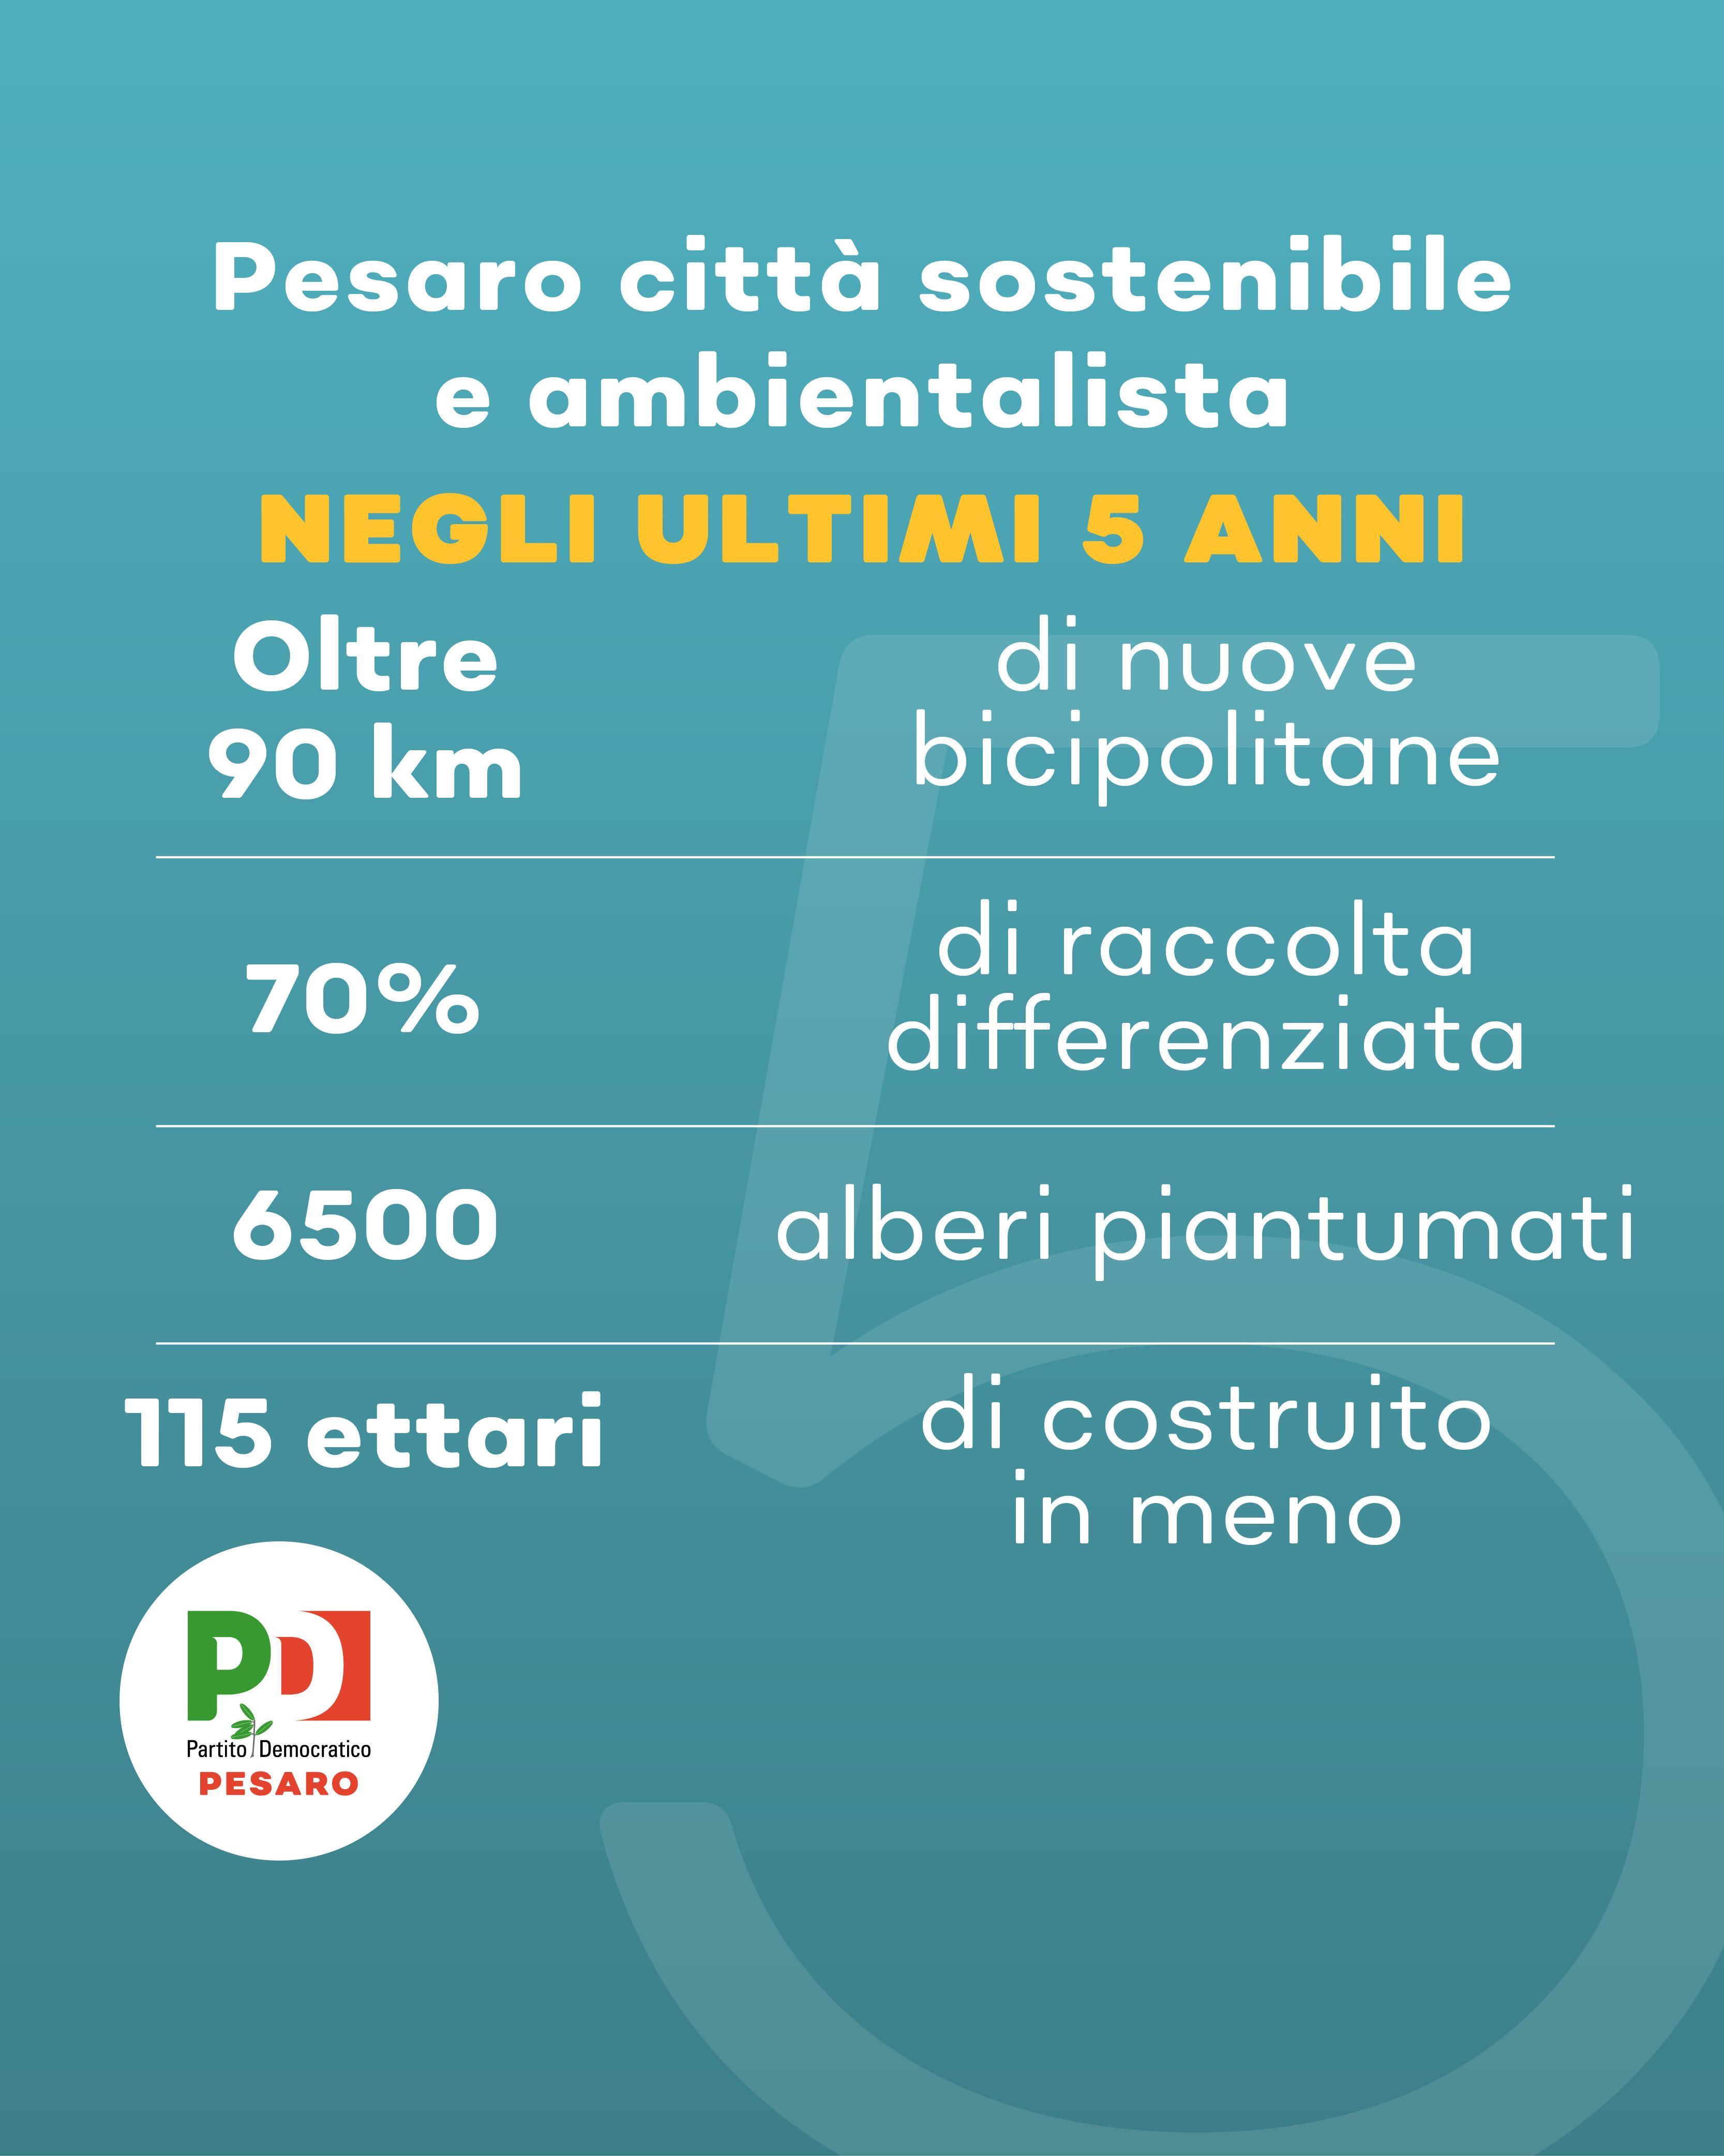 Pesaro, una città sempre più rivolta al futuro e un esempio di ambientalismo concreto, e non da salotto